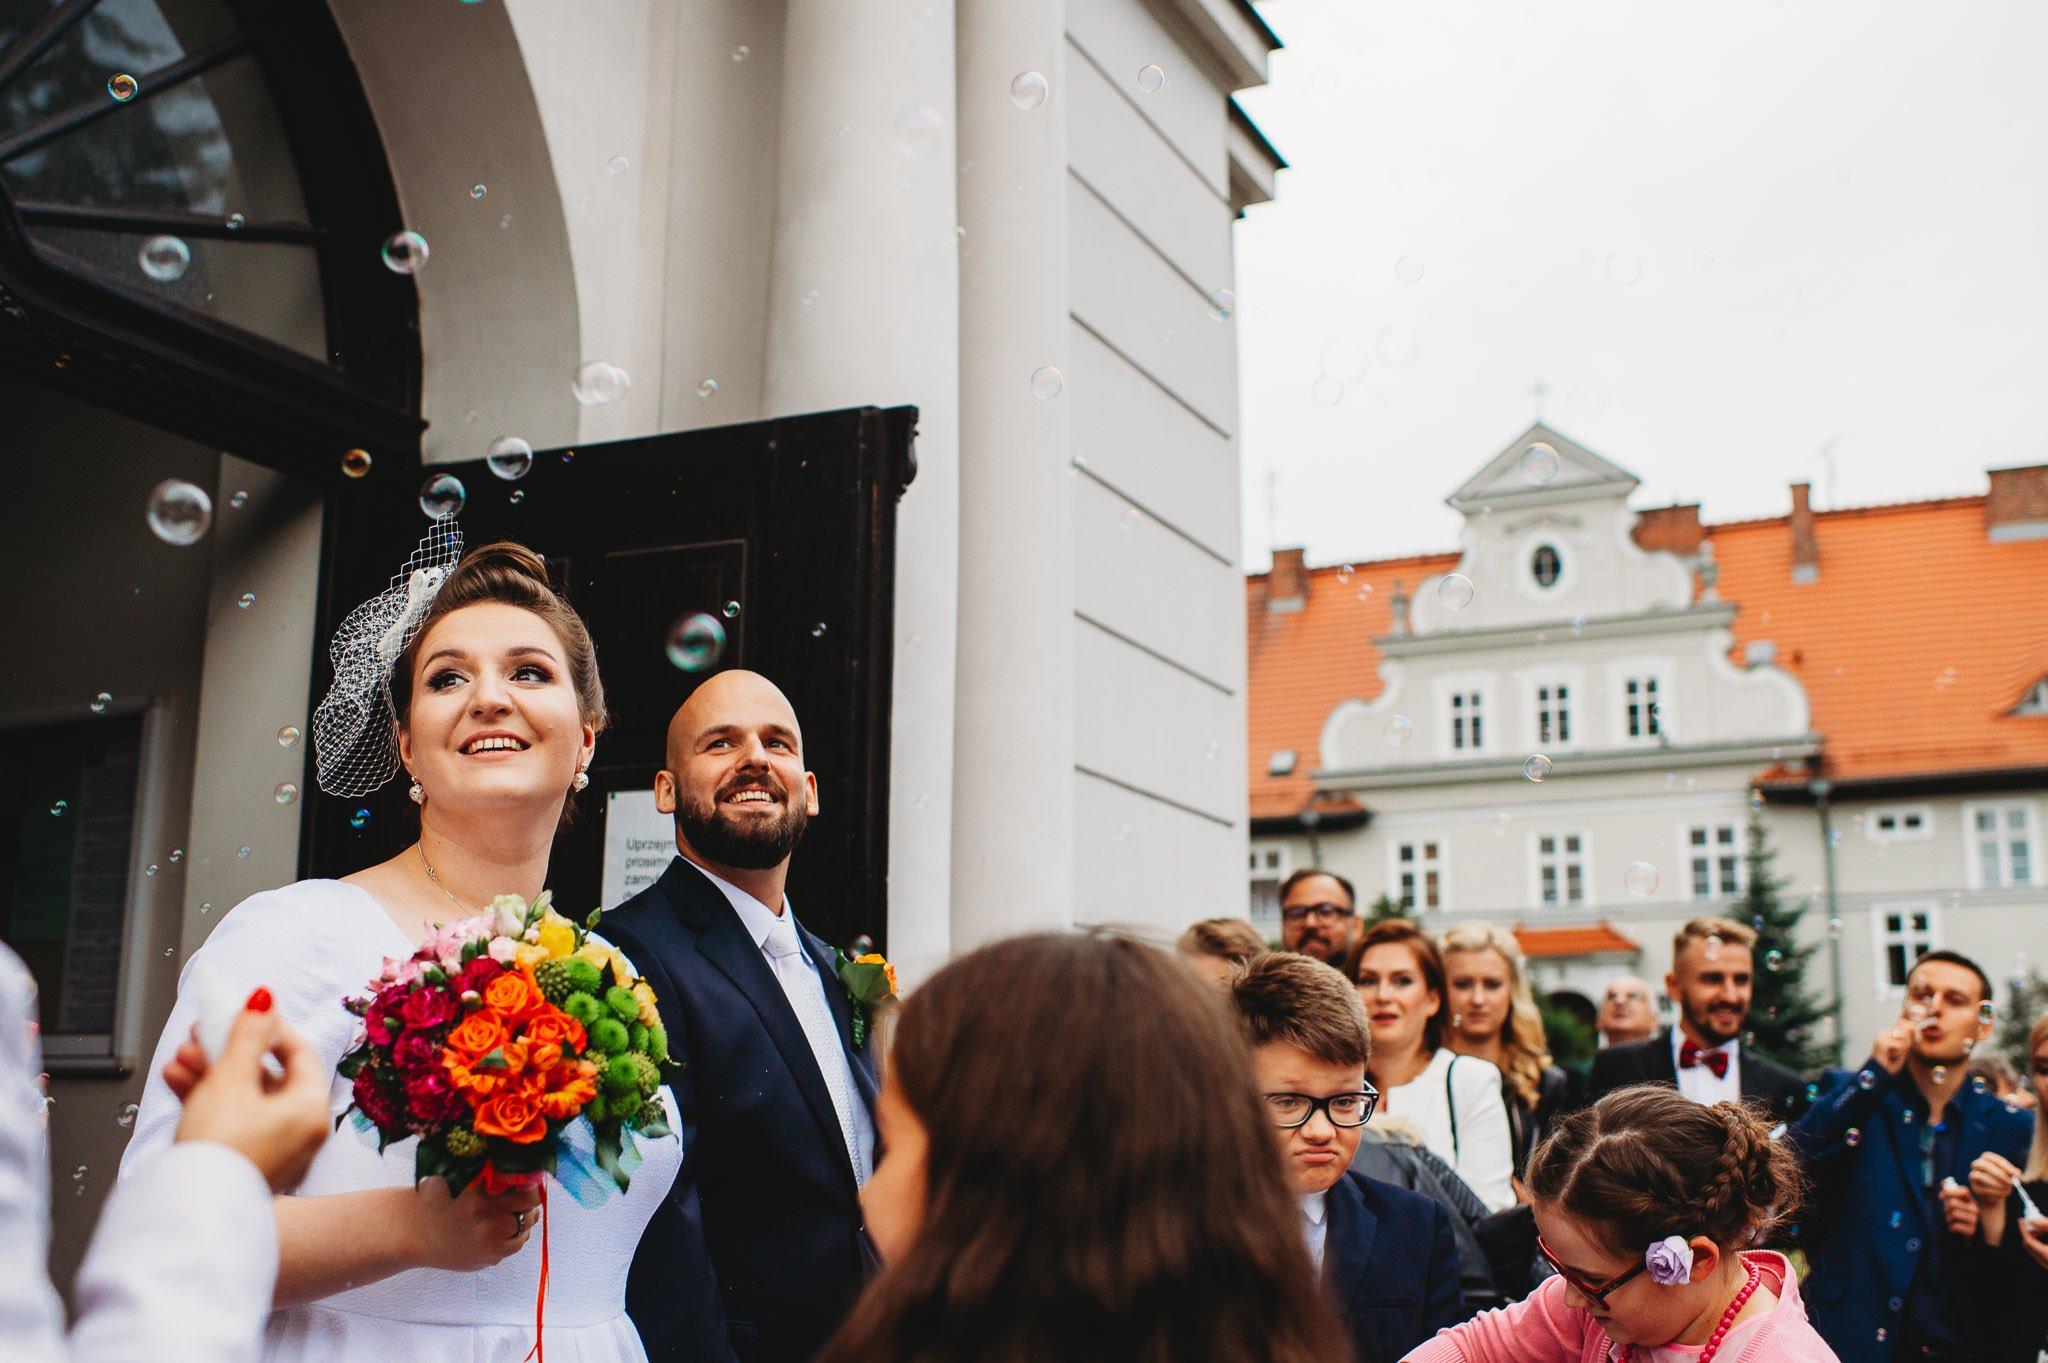 Zuzia i Janek - poznańskie Wichrowe Wzgórza i grodziski Behapowiec :-) 186